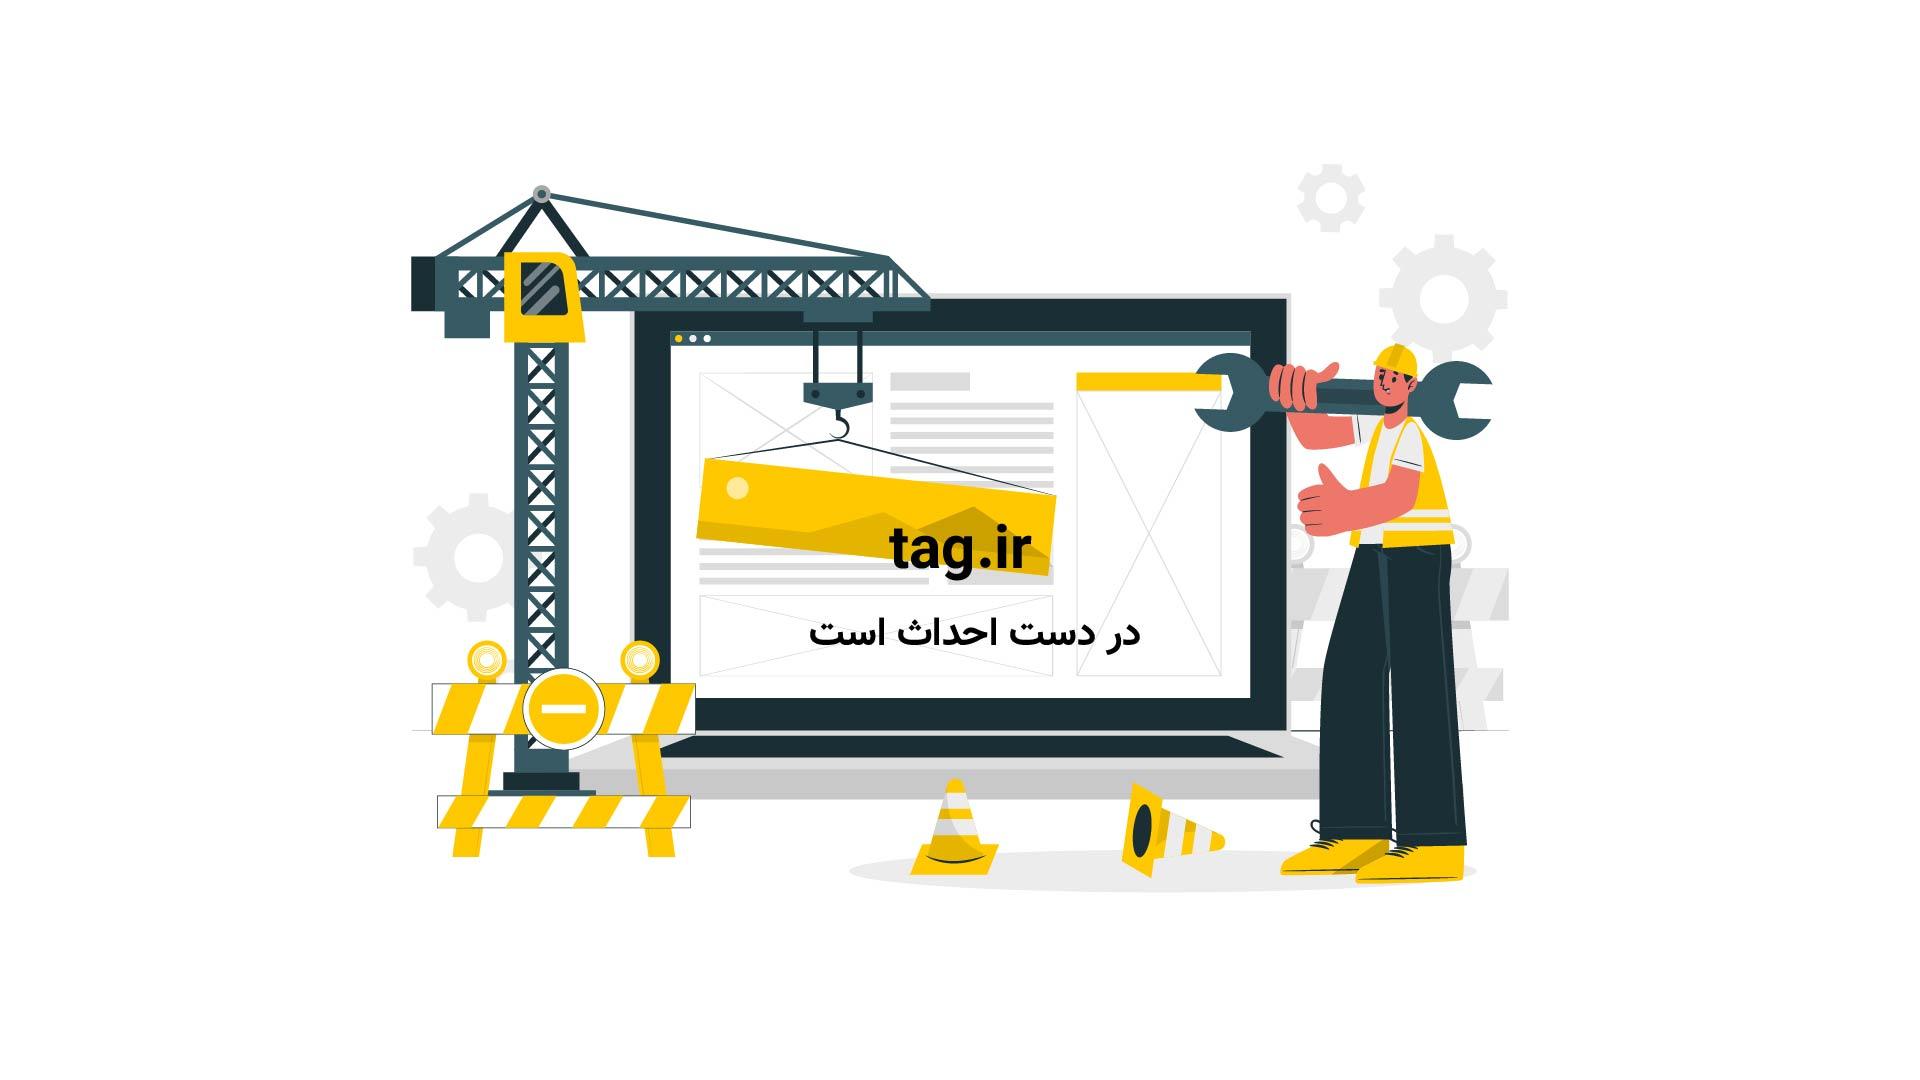 کانال شخصی ورزشکاران | تگ